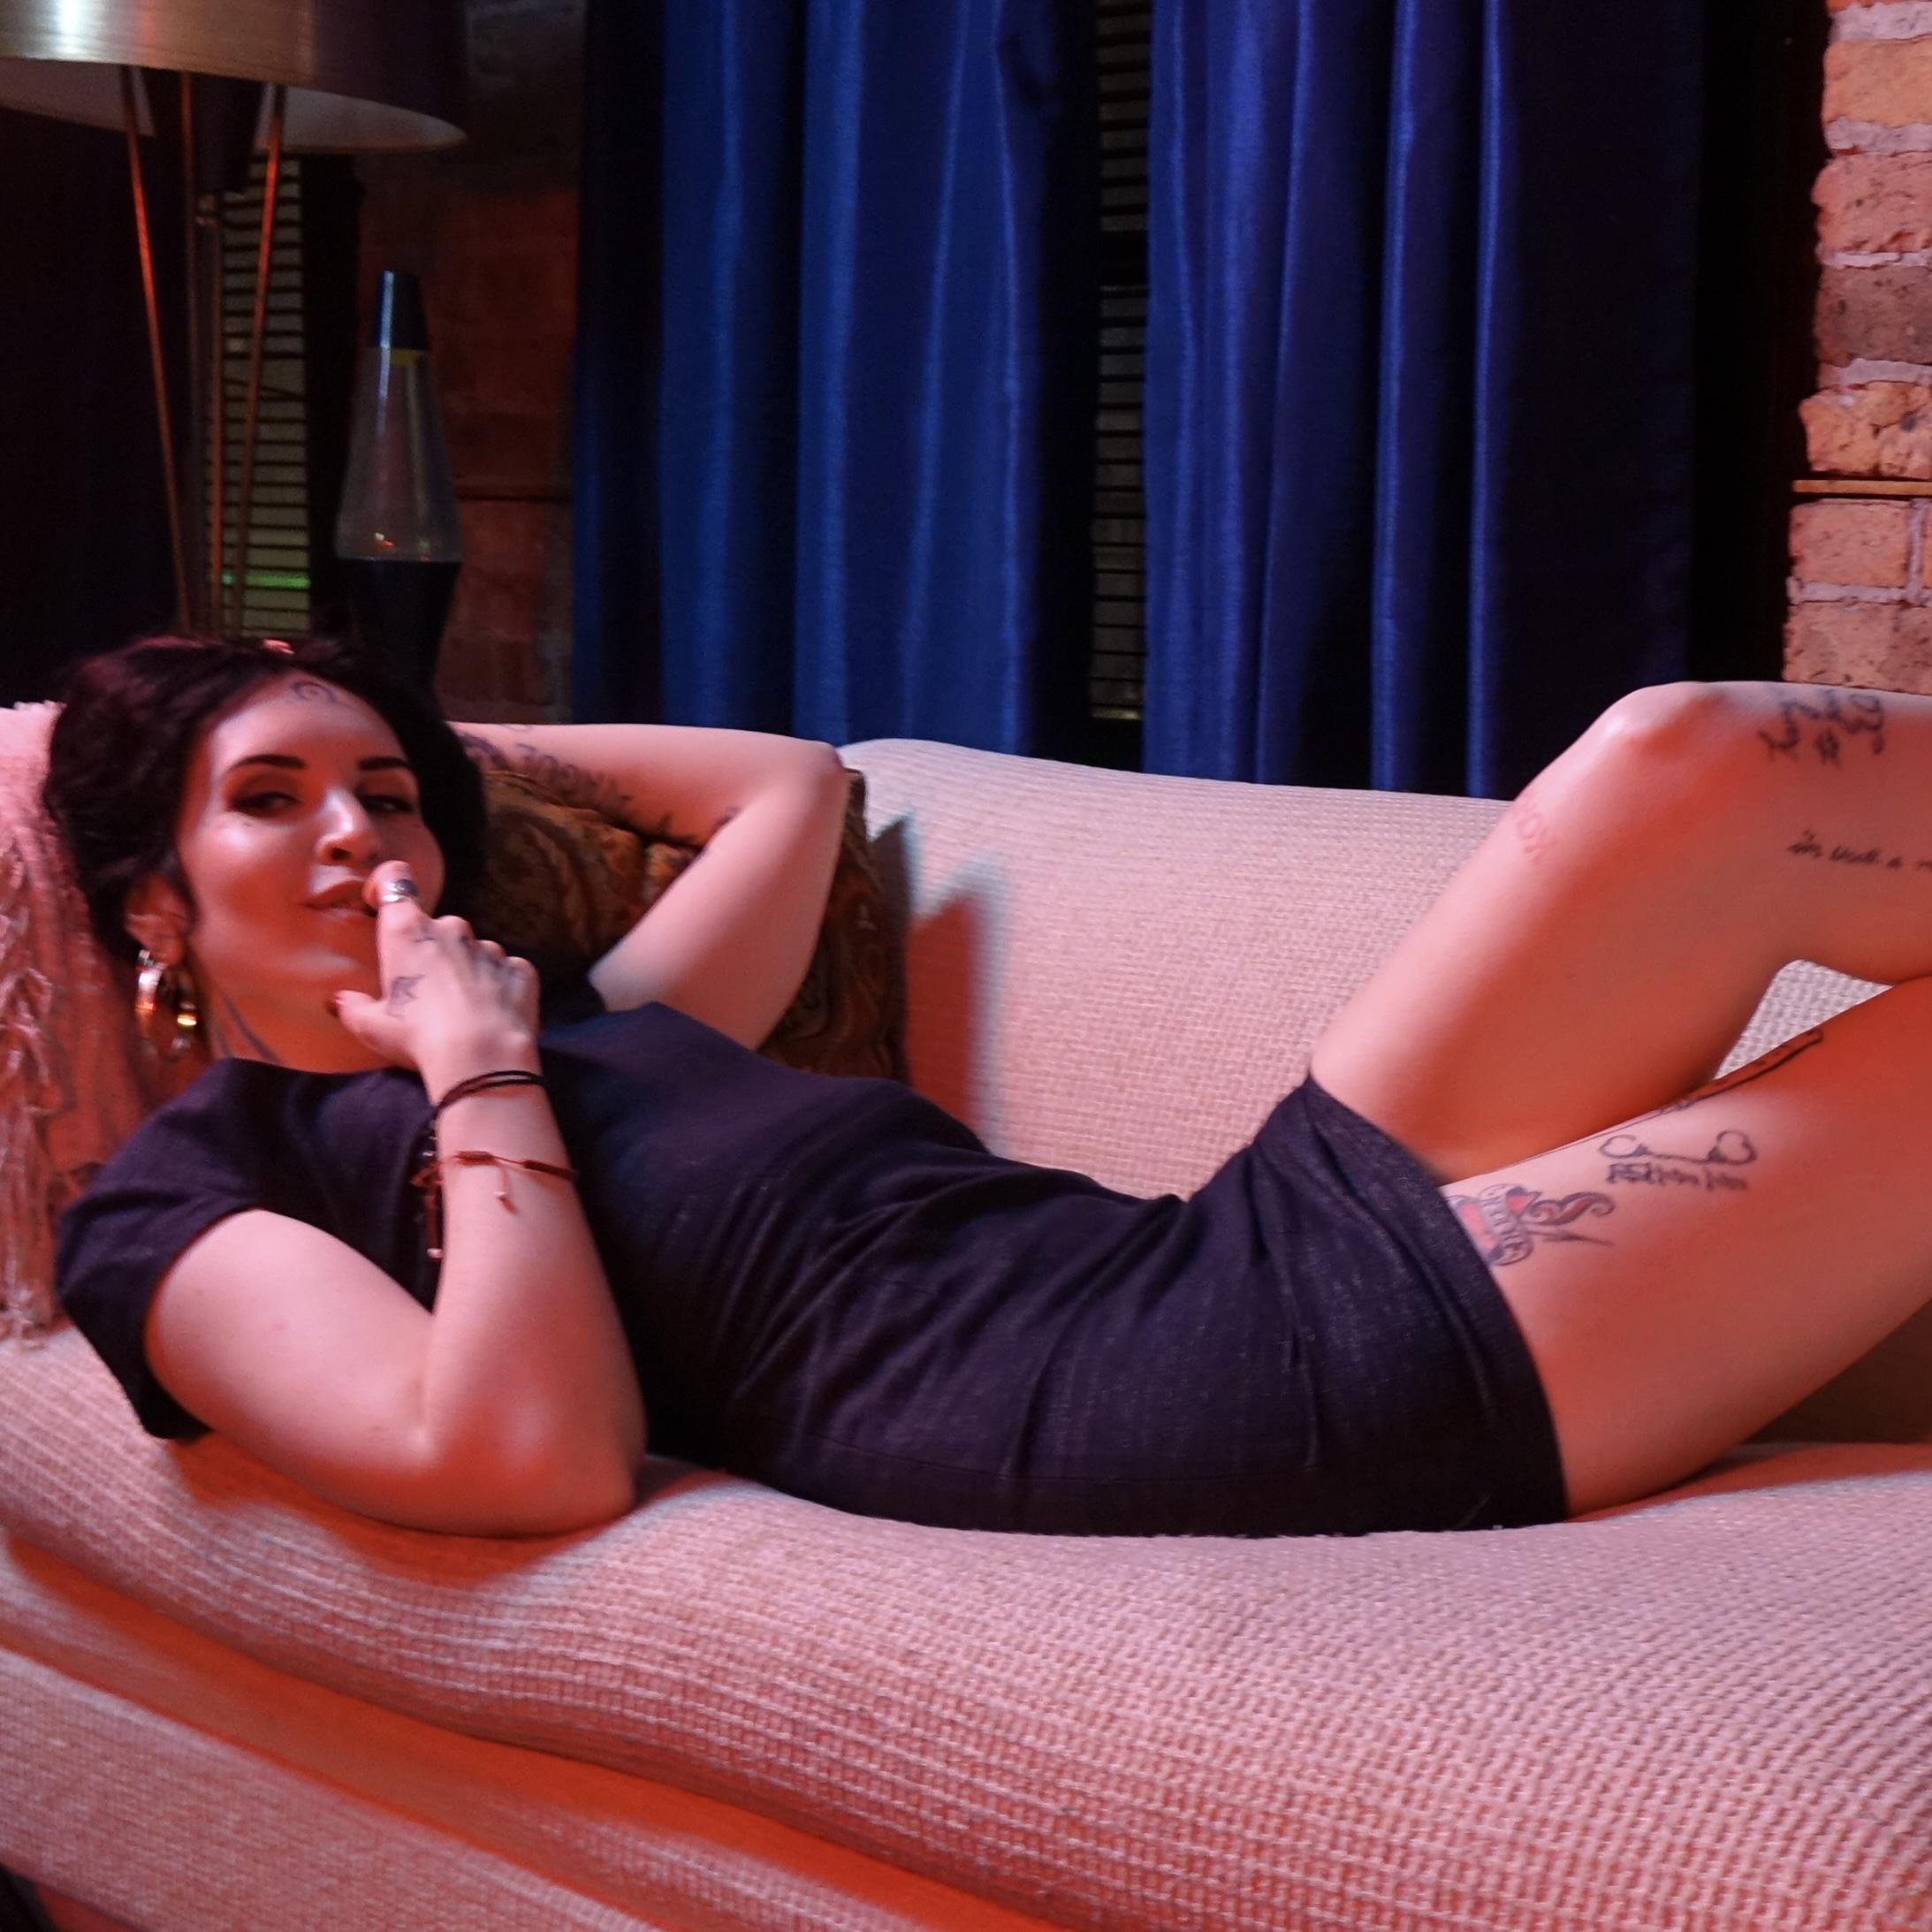 Photo of Ruby Bell, tall alternative brunette escort